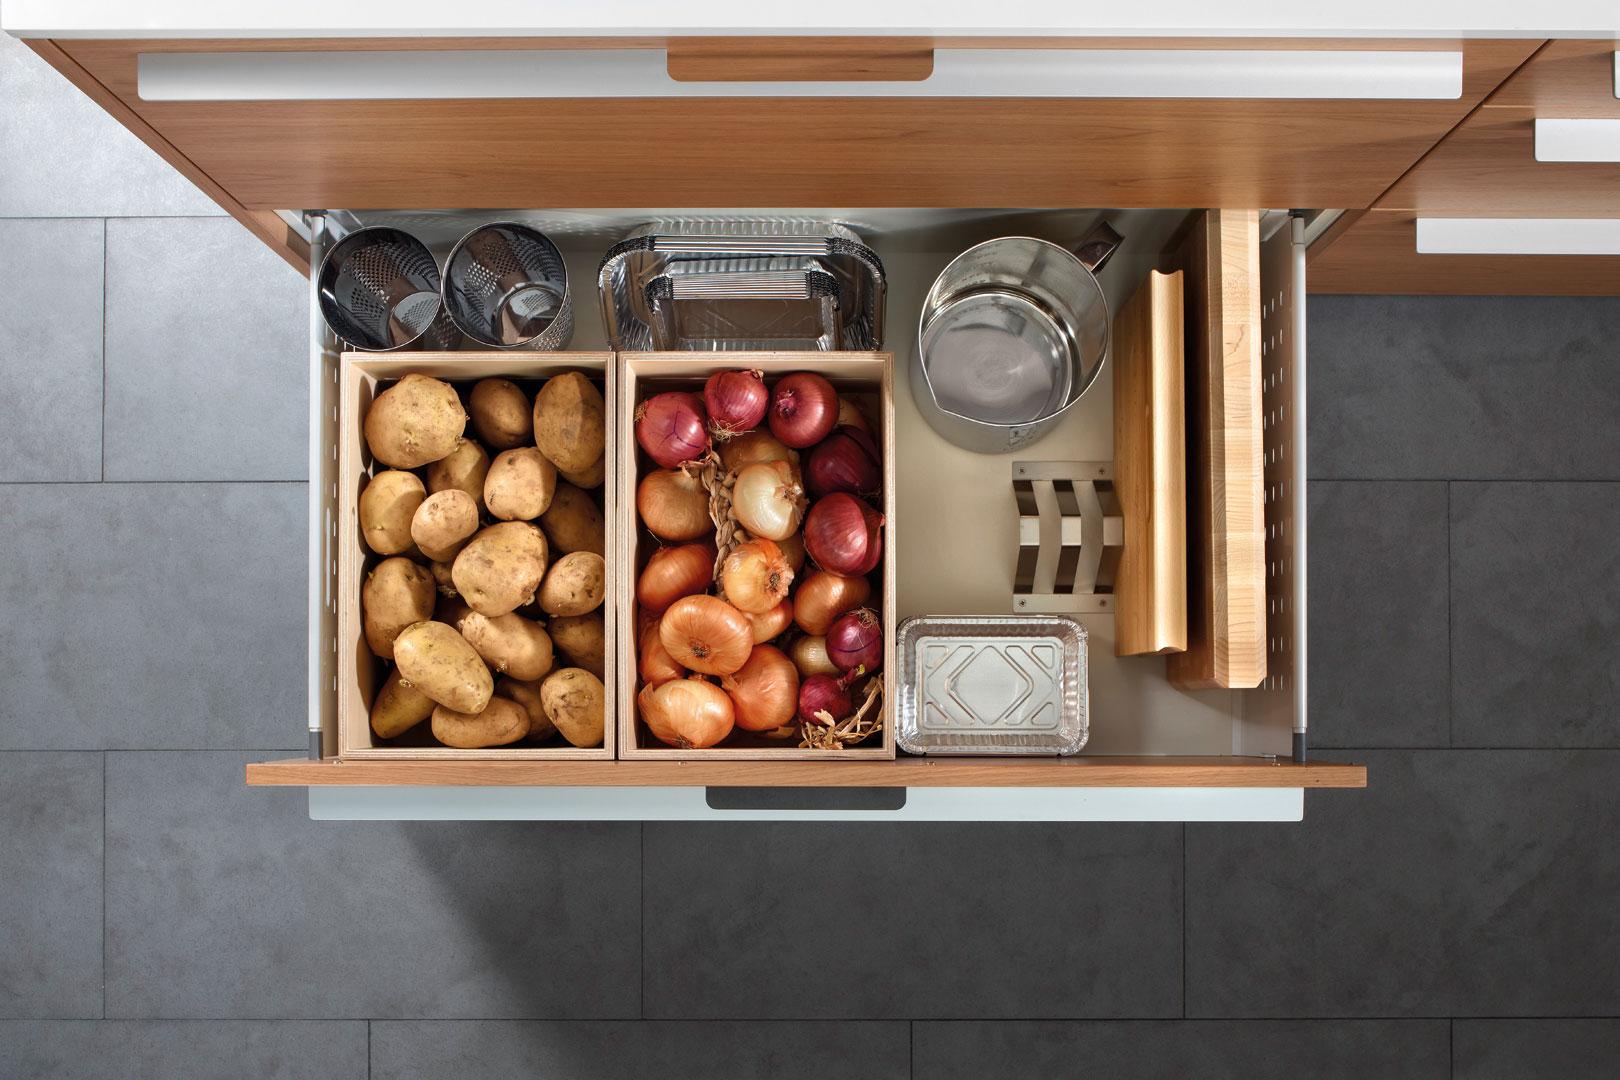 Accesorios para tu cocina Santos: orden y belleza | Cajones | Santiago Interiores